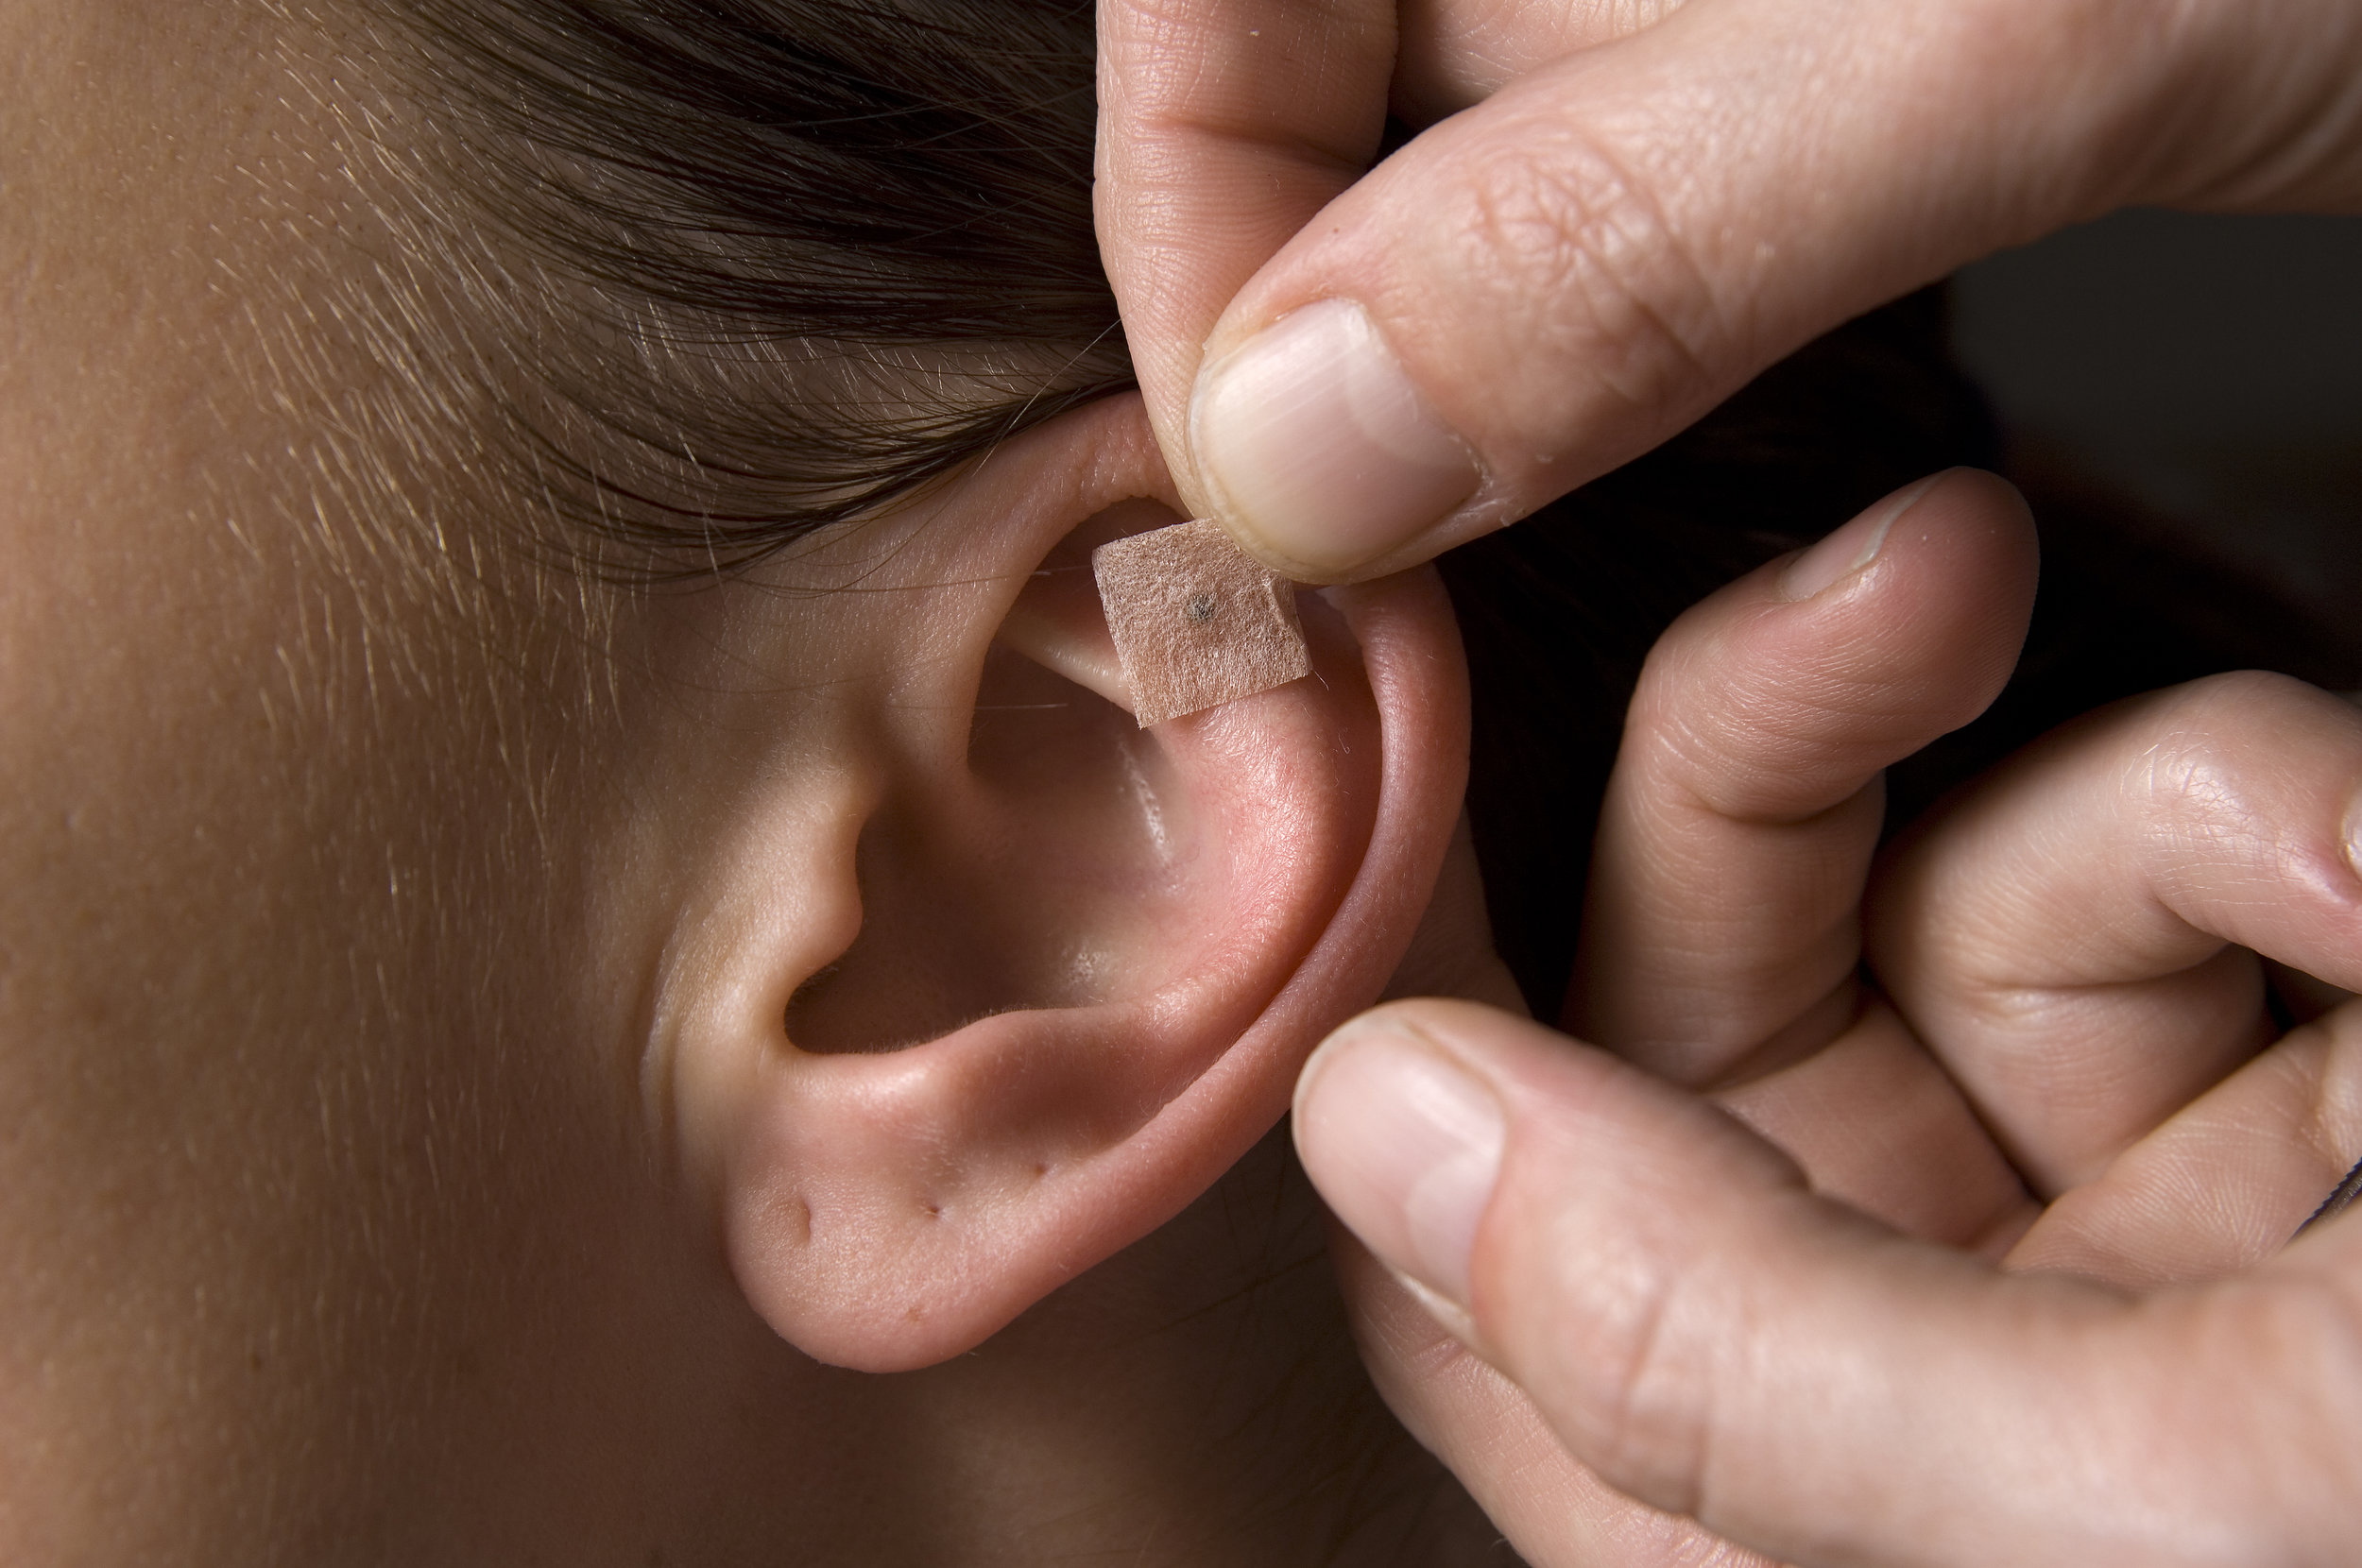 auricular-acupuncture.jpg